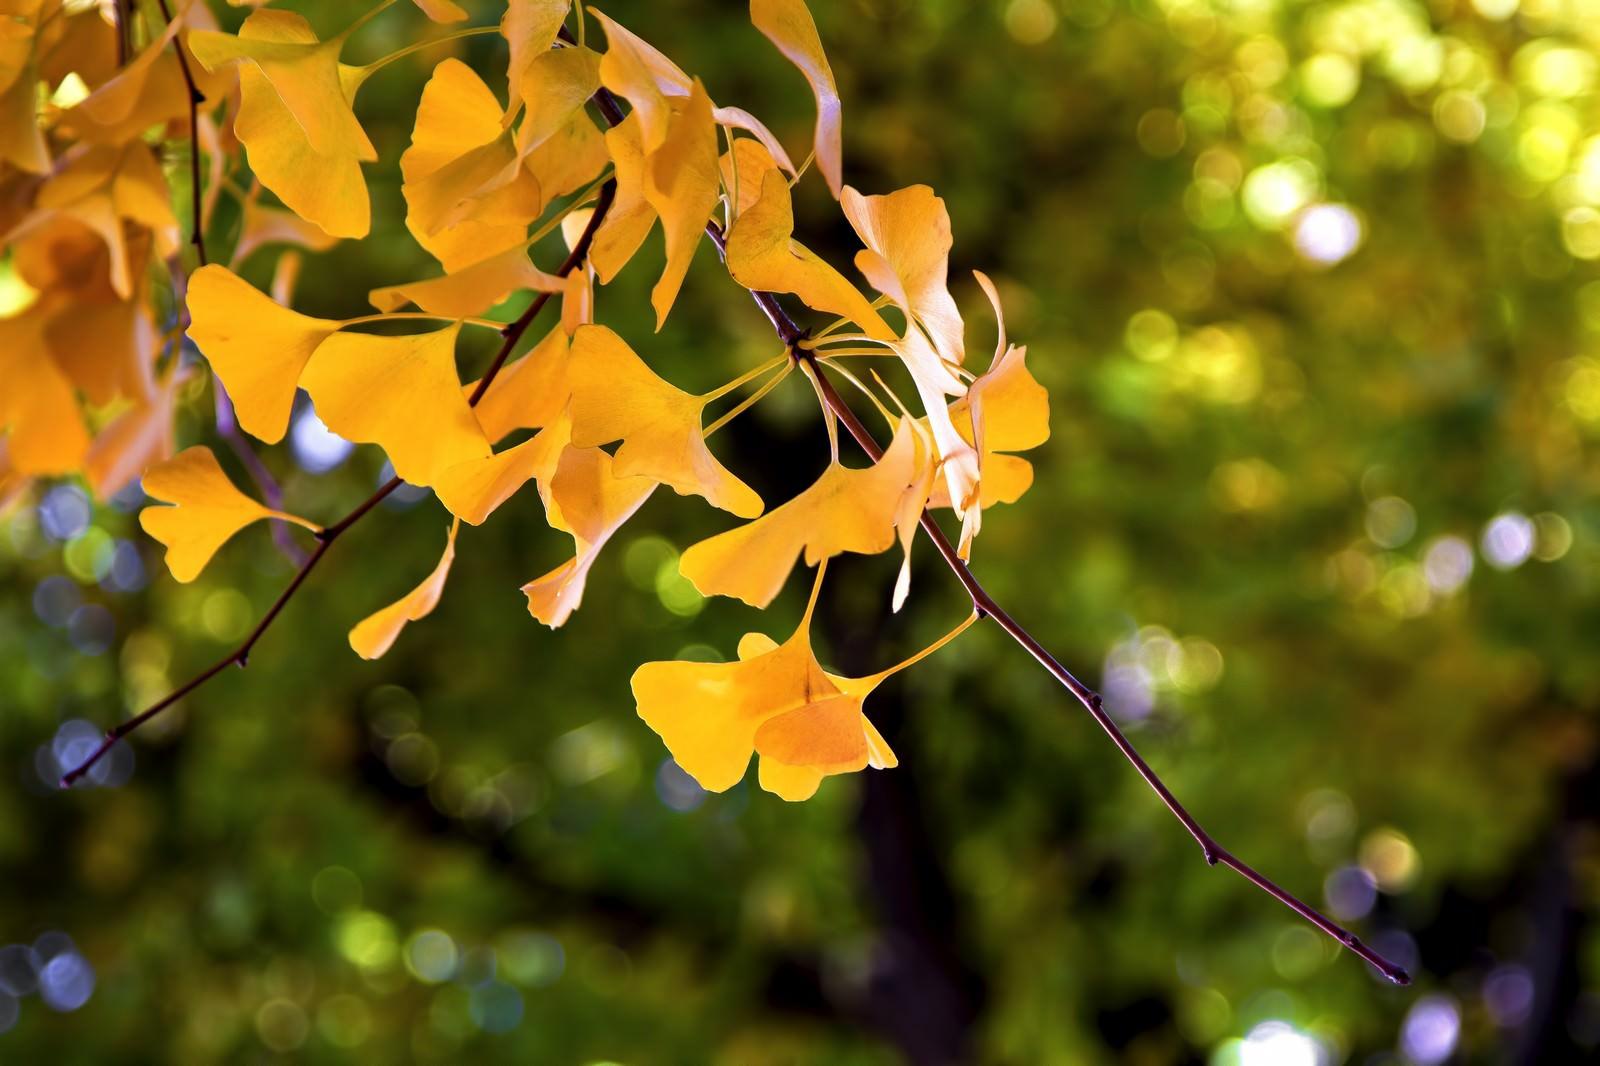 「黄色い銀杏の葉」の写真